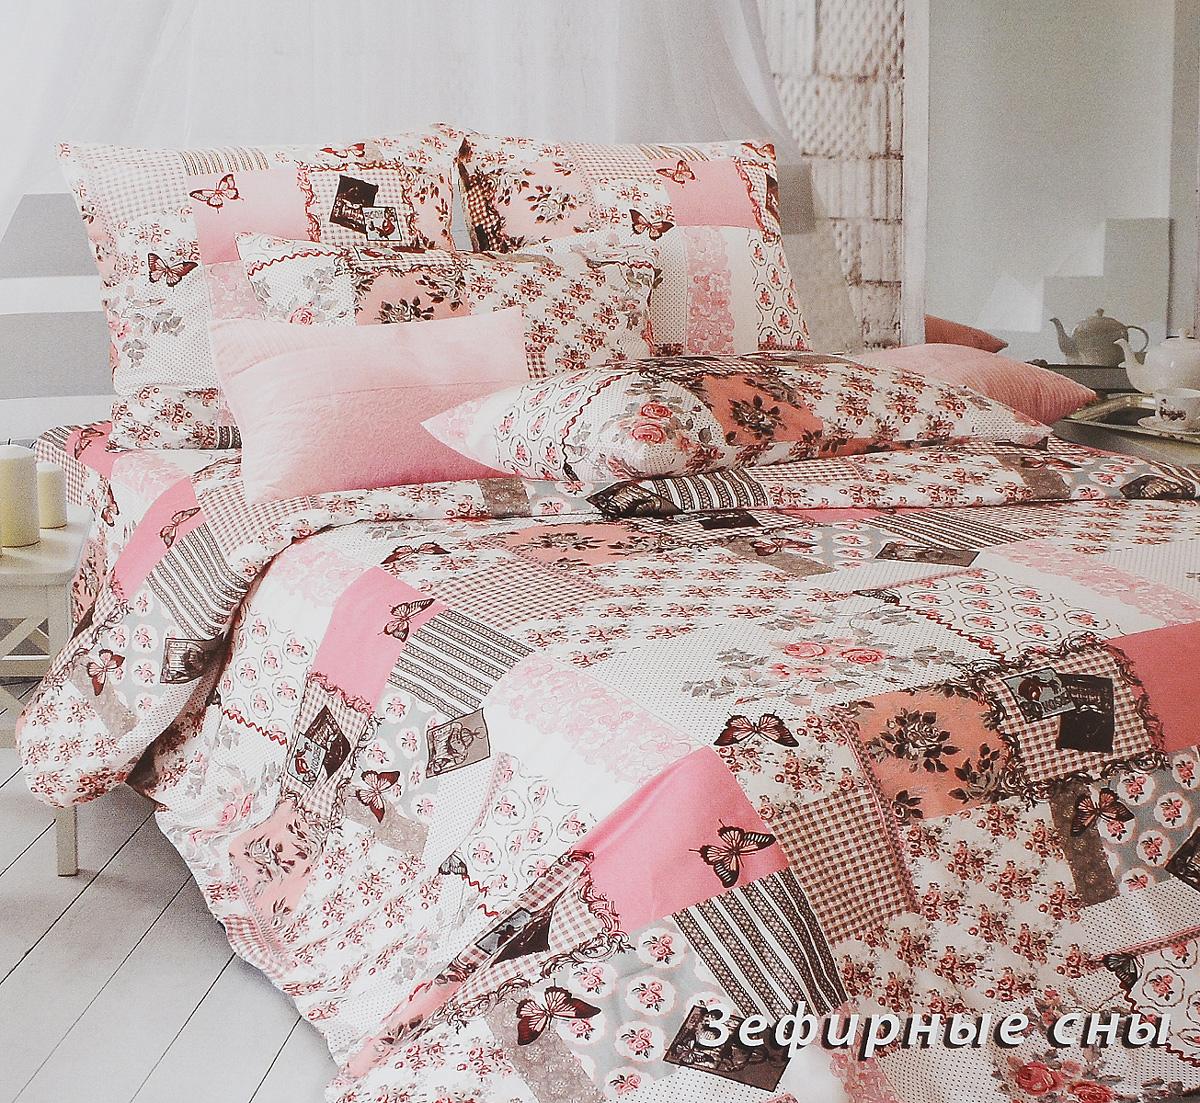 Комплект белья Tiffanys Secret Зефирные сны, семейный, наволочки 50х70, цвет: розовый, белый, темно-коричневый2040816150Комплект постельного белья Tiffanys Secret Зефирные сны является экологически безопасным для всей семьи, так как выполнен из сатина (100% хлопок). Комплект состоит из двух пододеяльников, простыни и двух наволочек. Предметы комплекта оформлены оригинальным рисунком. Благодаря такому комплекту постельного белья вы сможете создать атмосферу уюта и комфорта в вашей спальне. Сатин - это ткань, навсегда покорившая сердца человечества. Ценившие роскошь персы называли ее атлас, а искушенные в прекрасном французы - сатин. Секрет высококачественного сатина в безупречности всего технологического процесса. Эту благородную ткань делают только из отборной натуральной пряжи, которую получают из самого лучшего тонковолокнистого хлопка. Благодаря использованию самой тонкой хлопковой нити получается необычайно мягкое и нежное полотно. Сатиновое постельное белье превращает жаркие летние ночи в прохладные и освежающие, а холодные зимние - в теплые и...